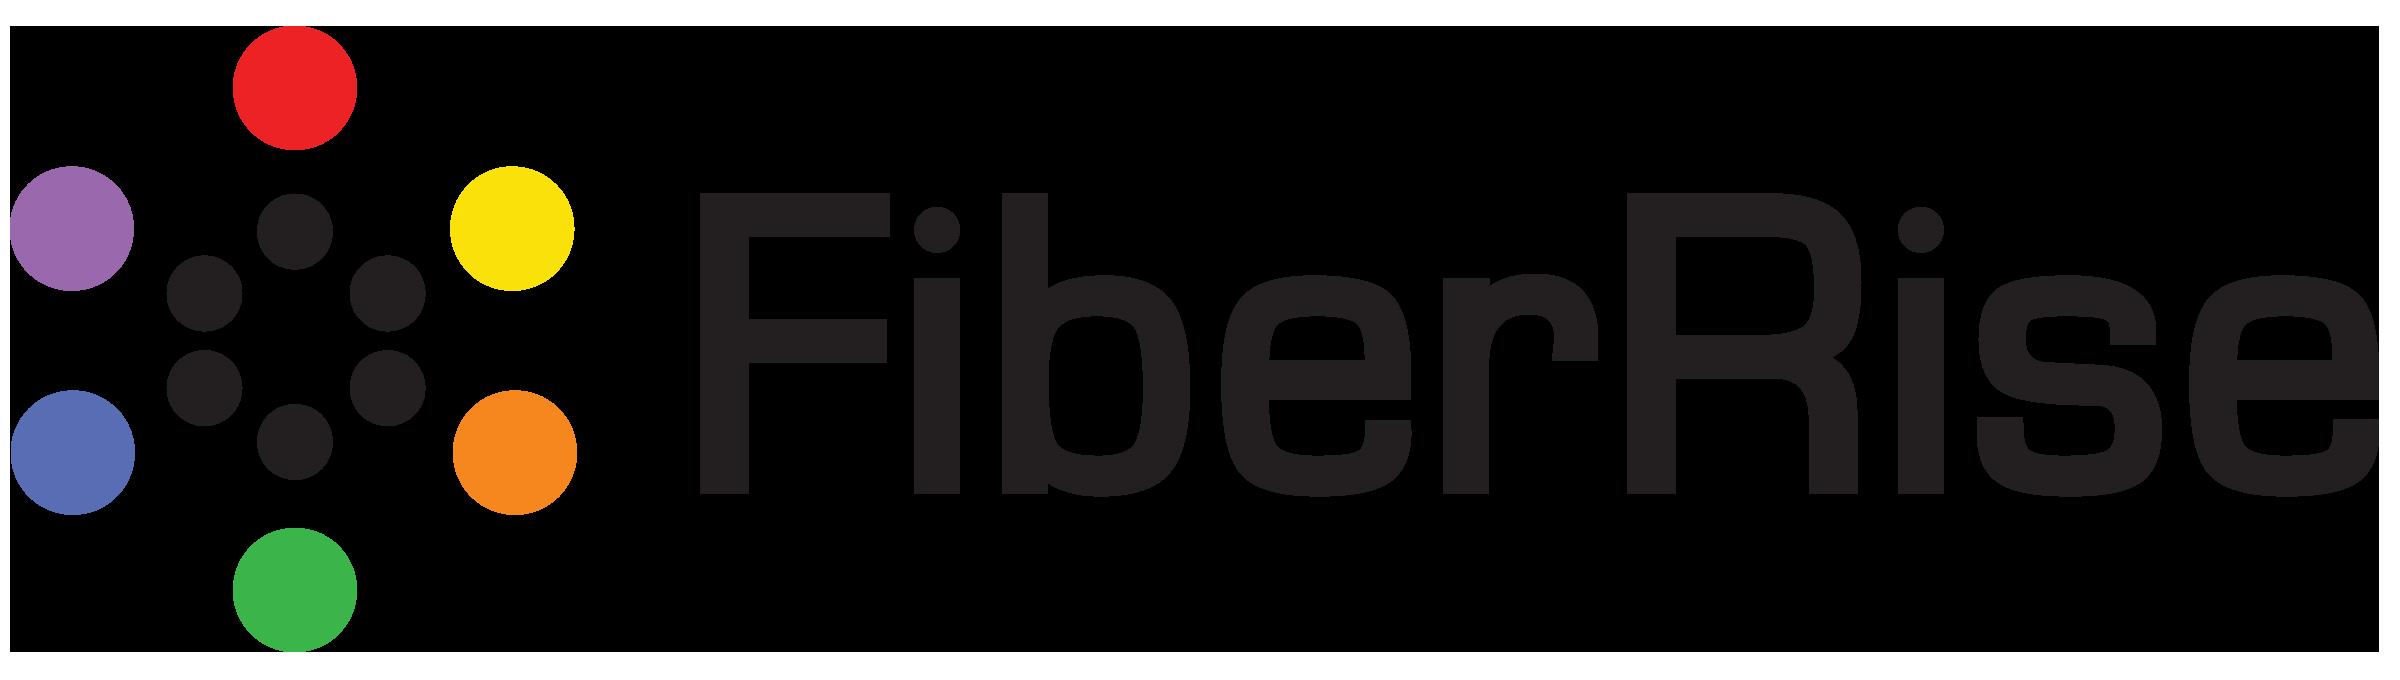 Fiber Rise logo color Dec 2019